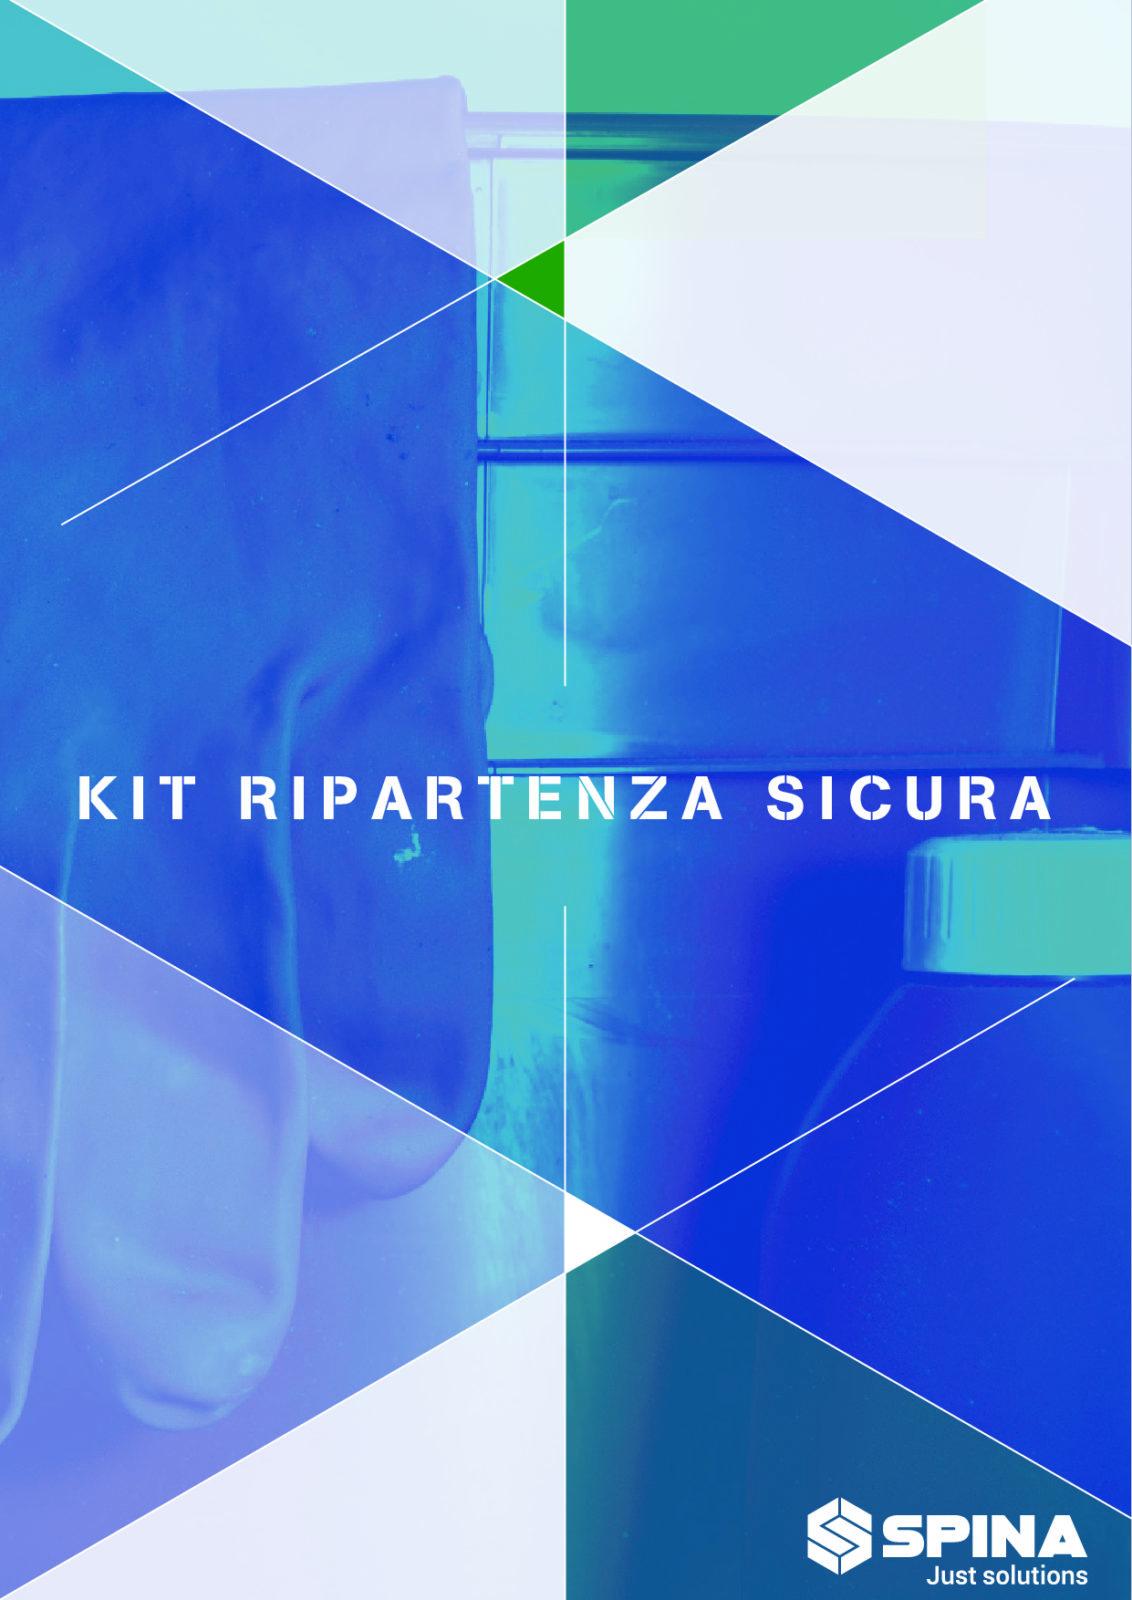 Kit Ripartenza Sicura